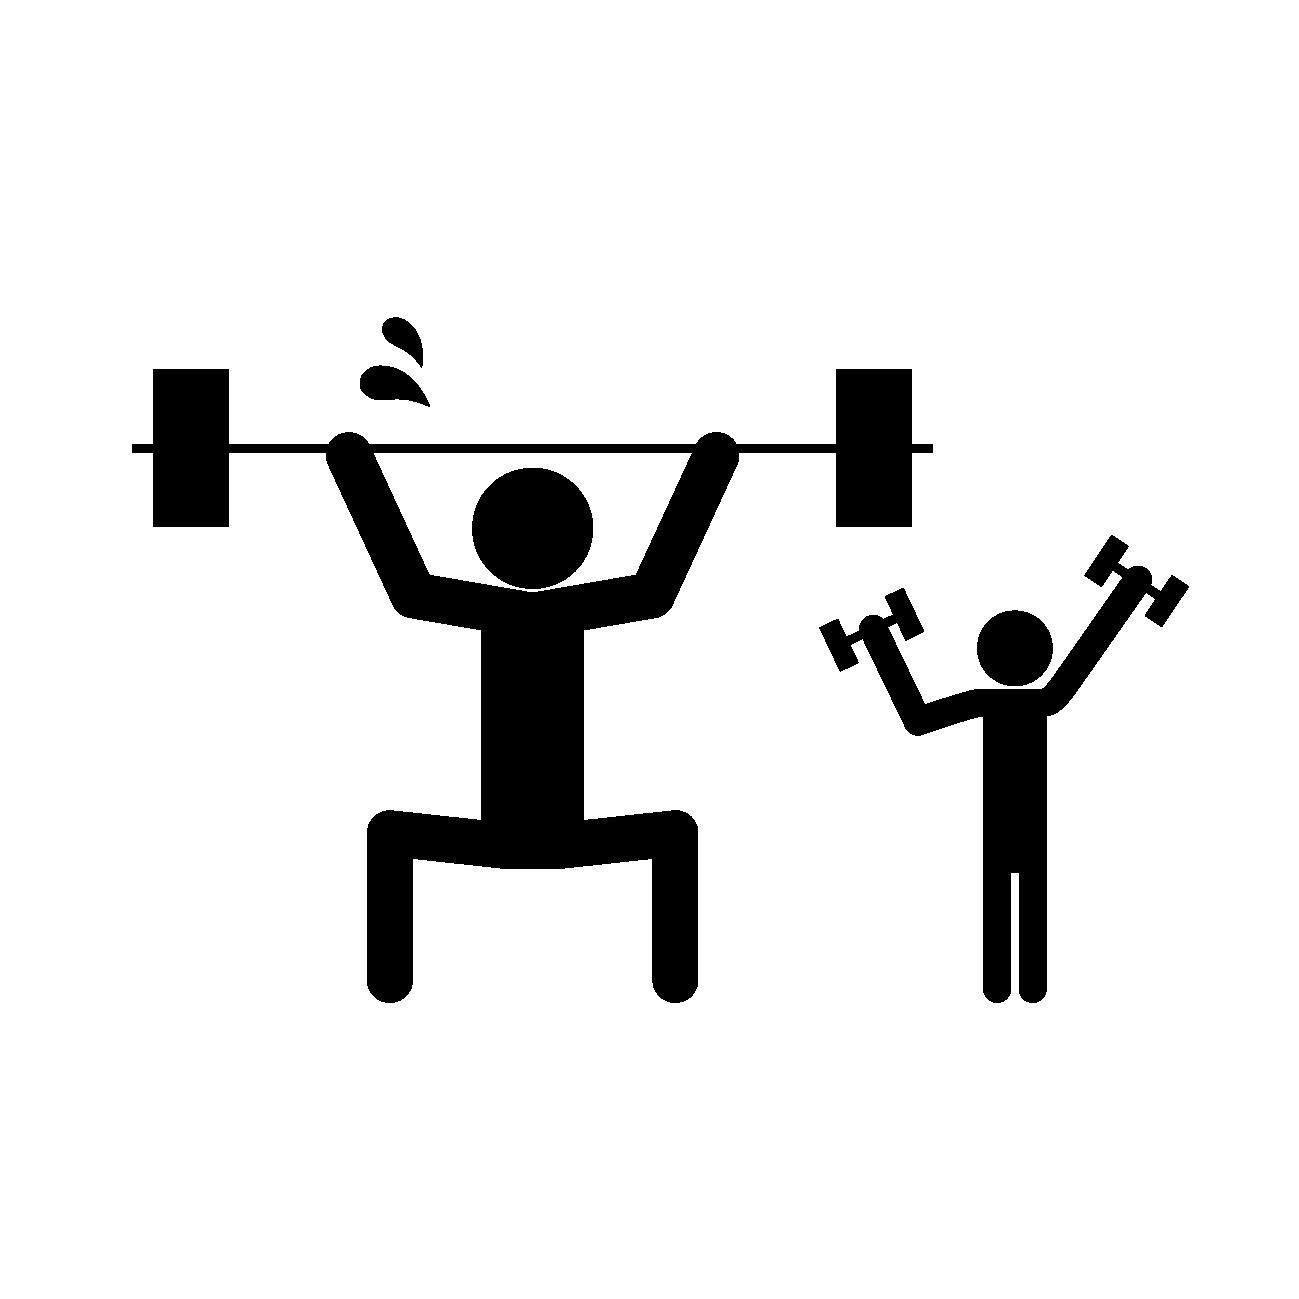 そもそも筋力トレーニングって何...